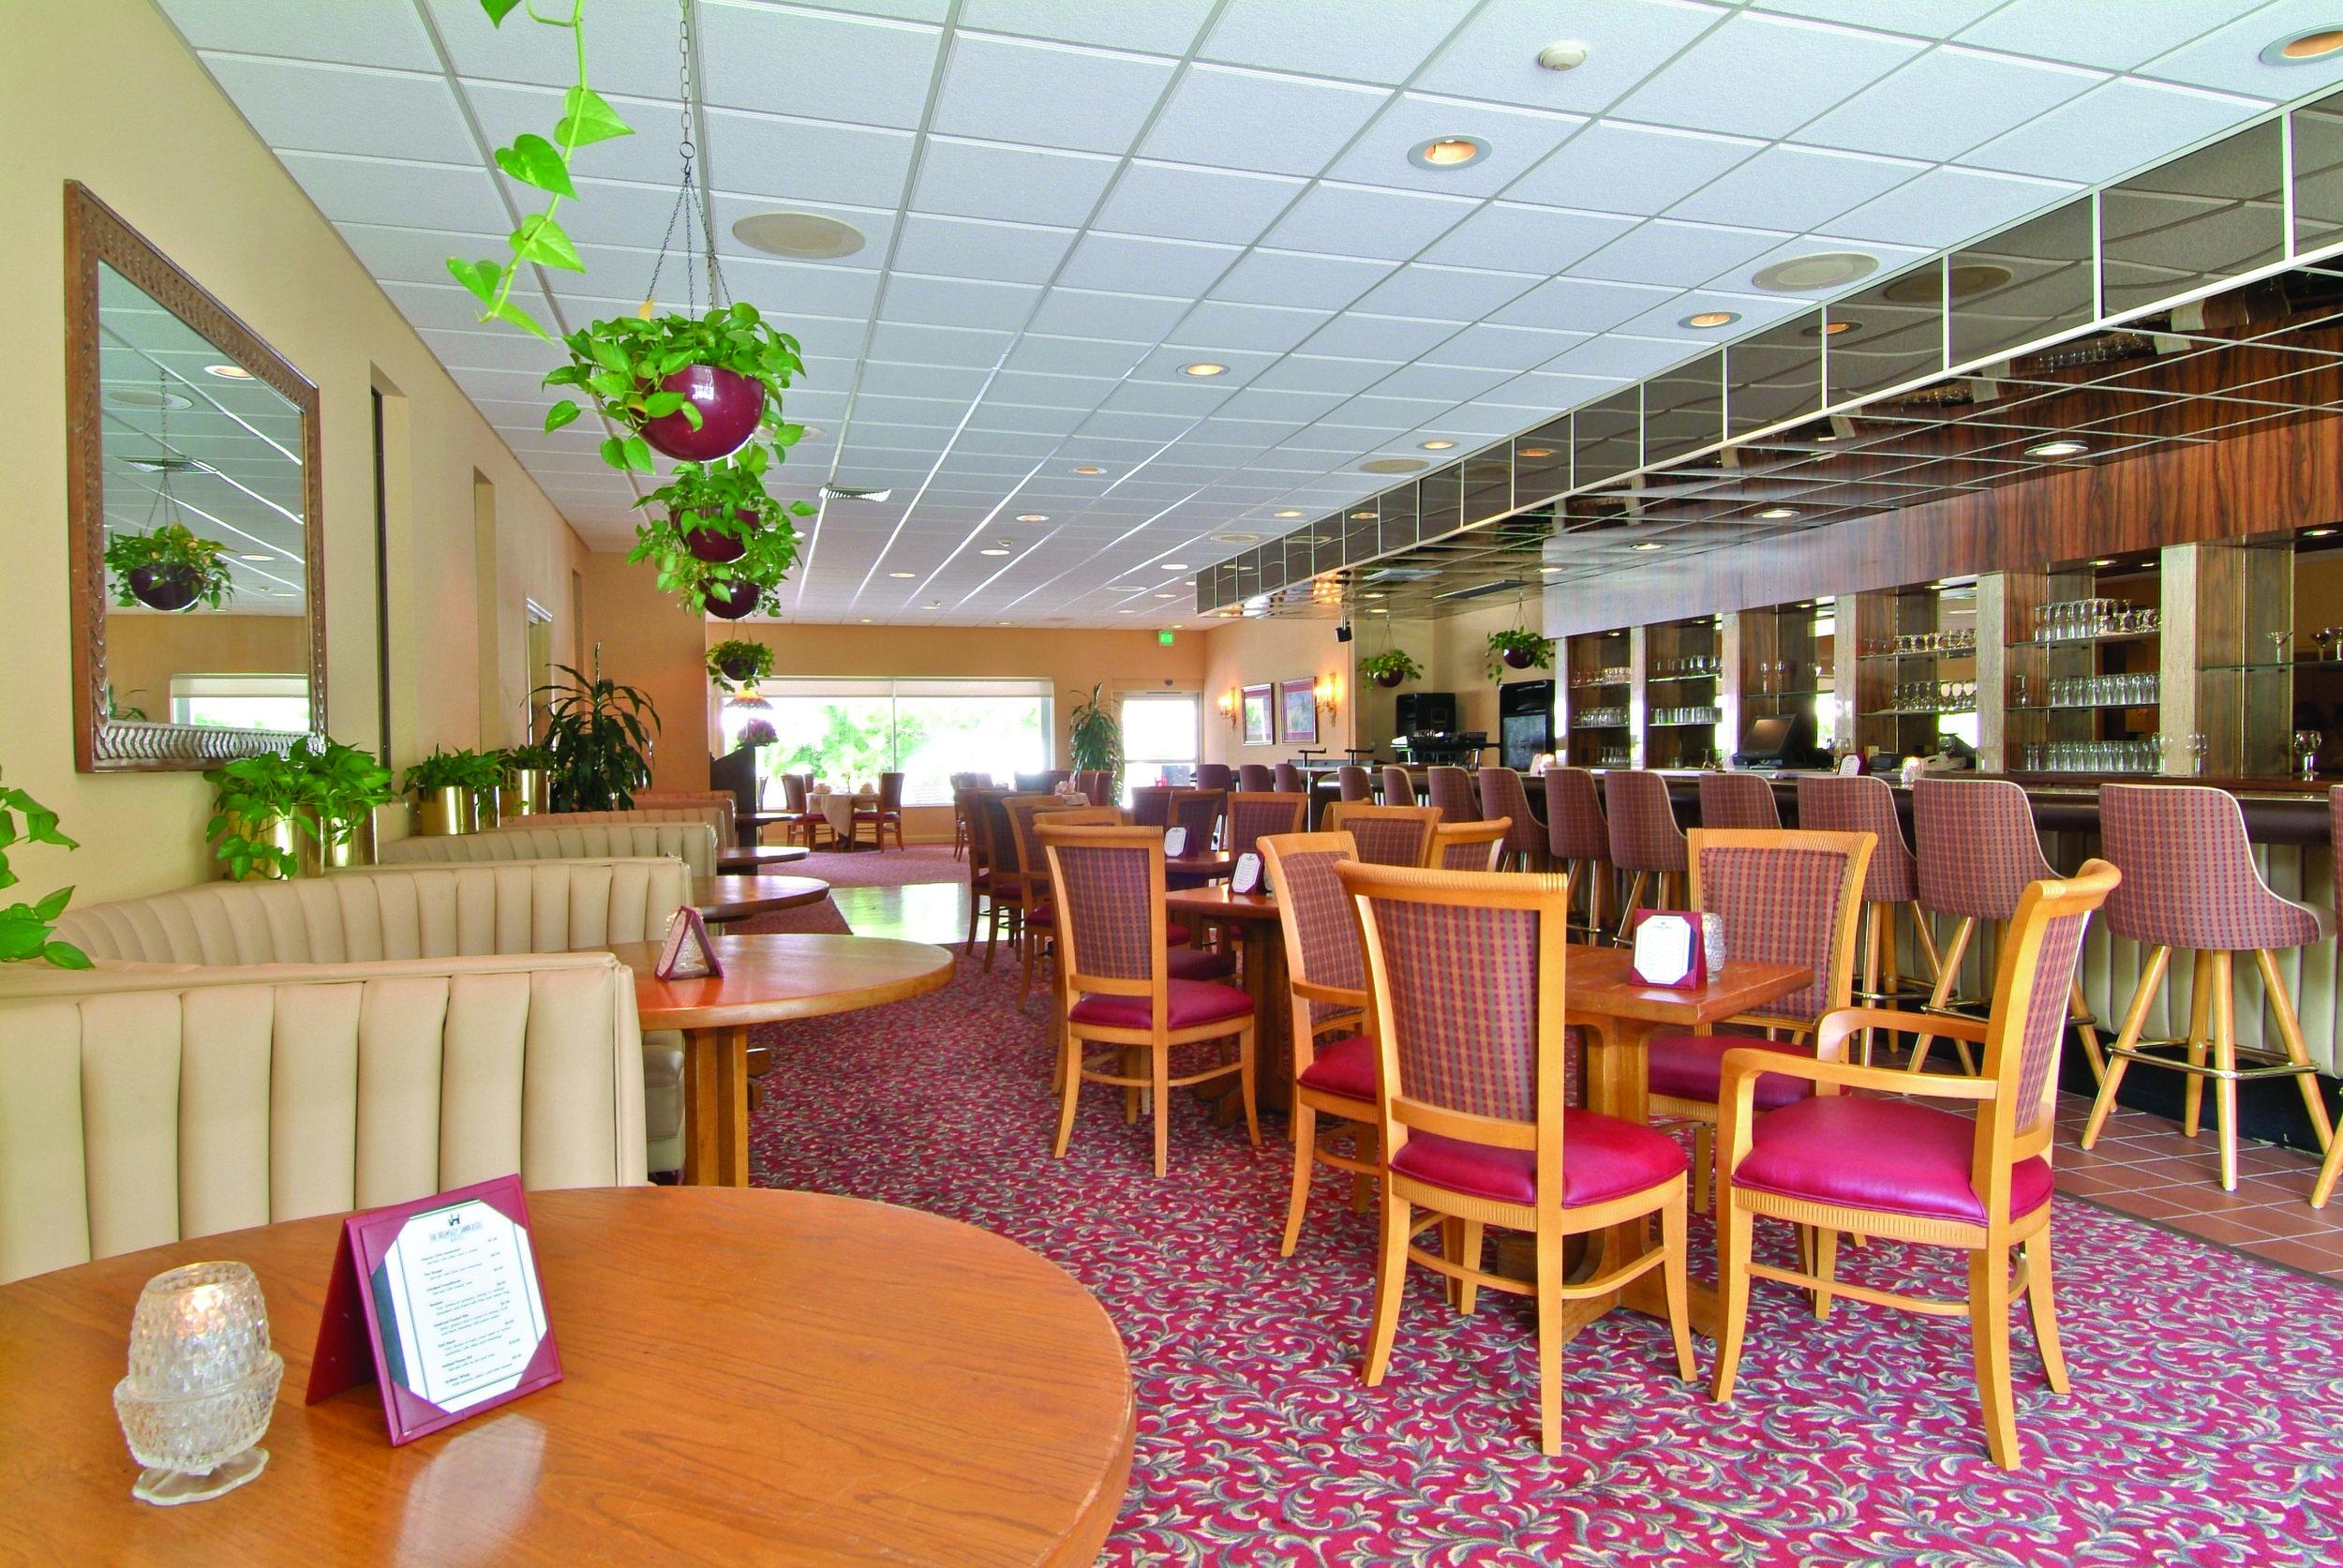 Restaurant_17055_standard.jpg